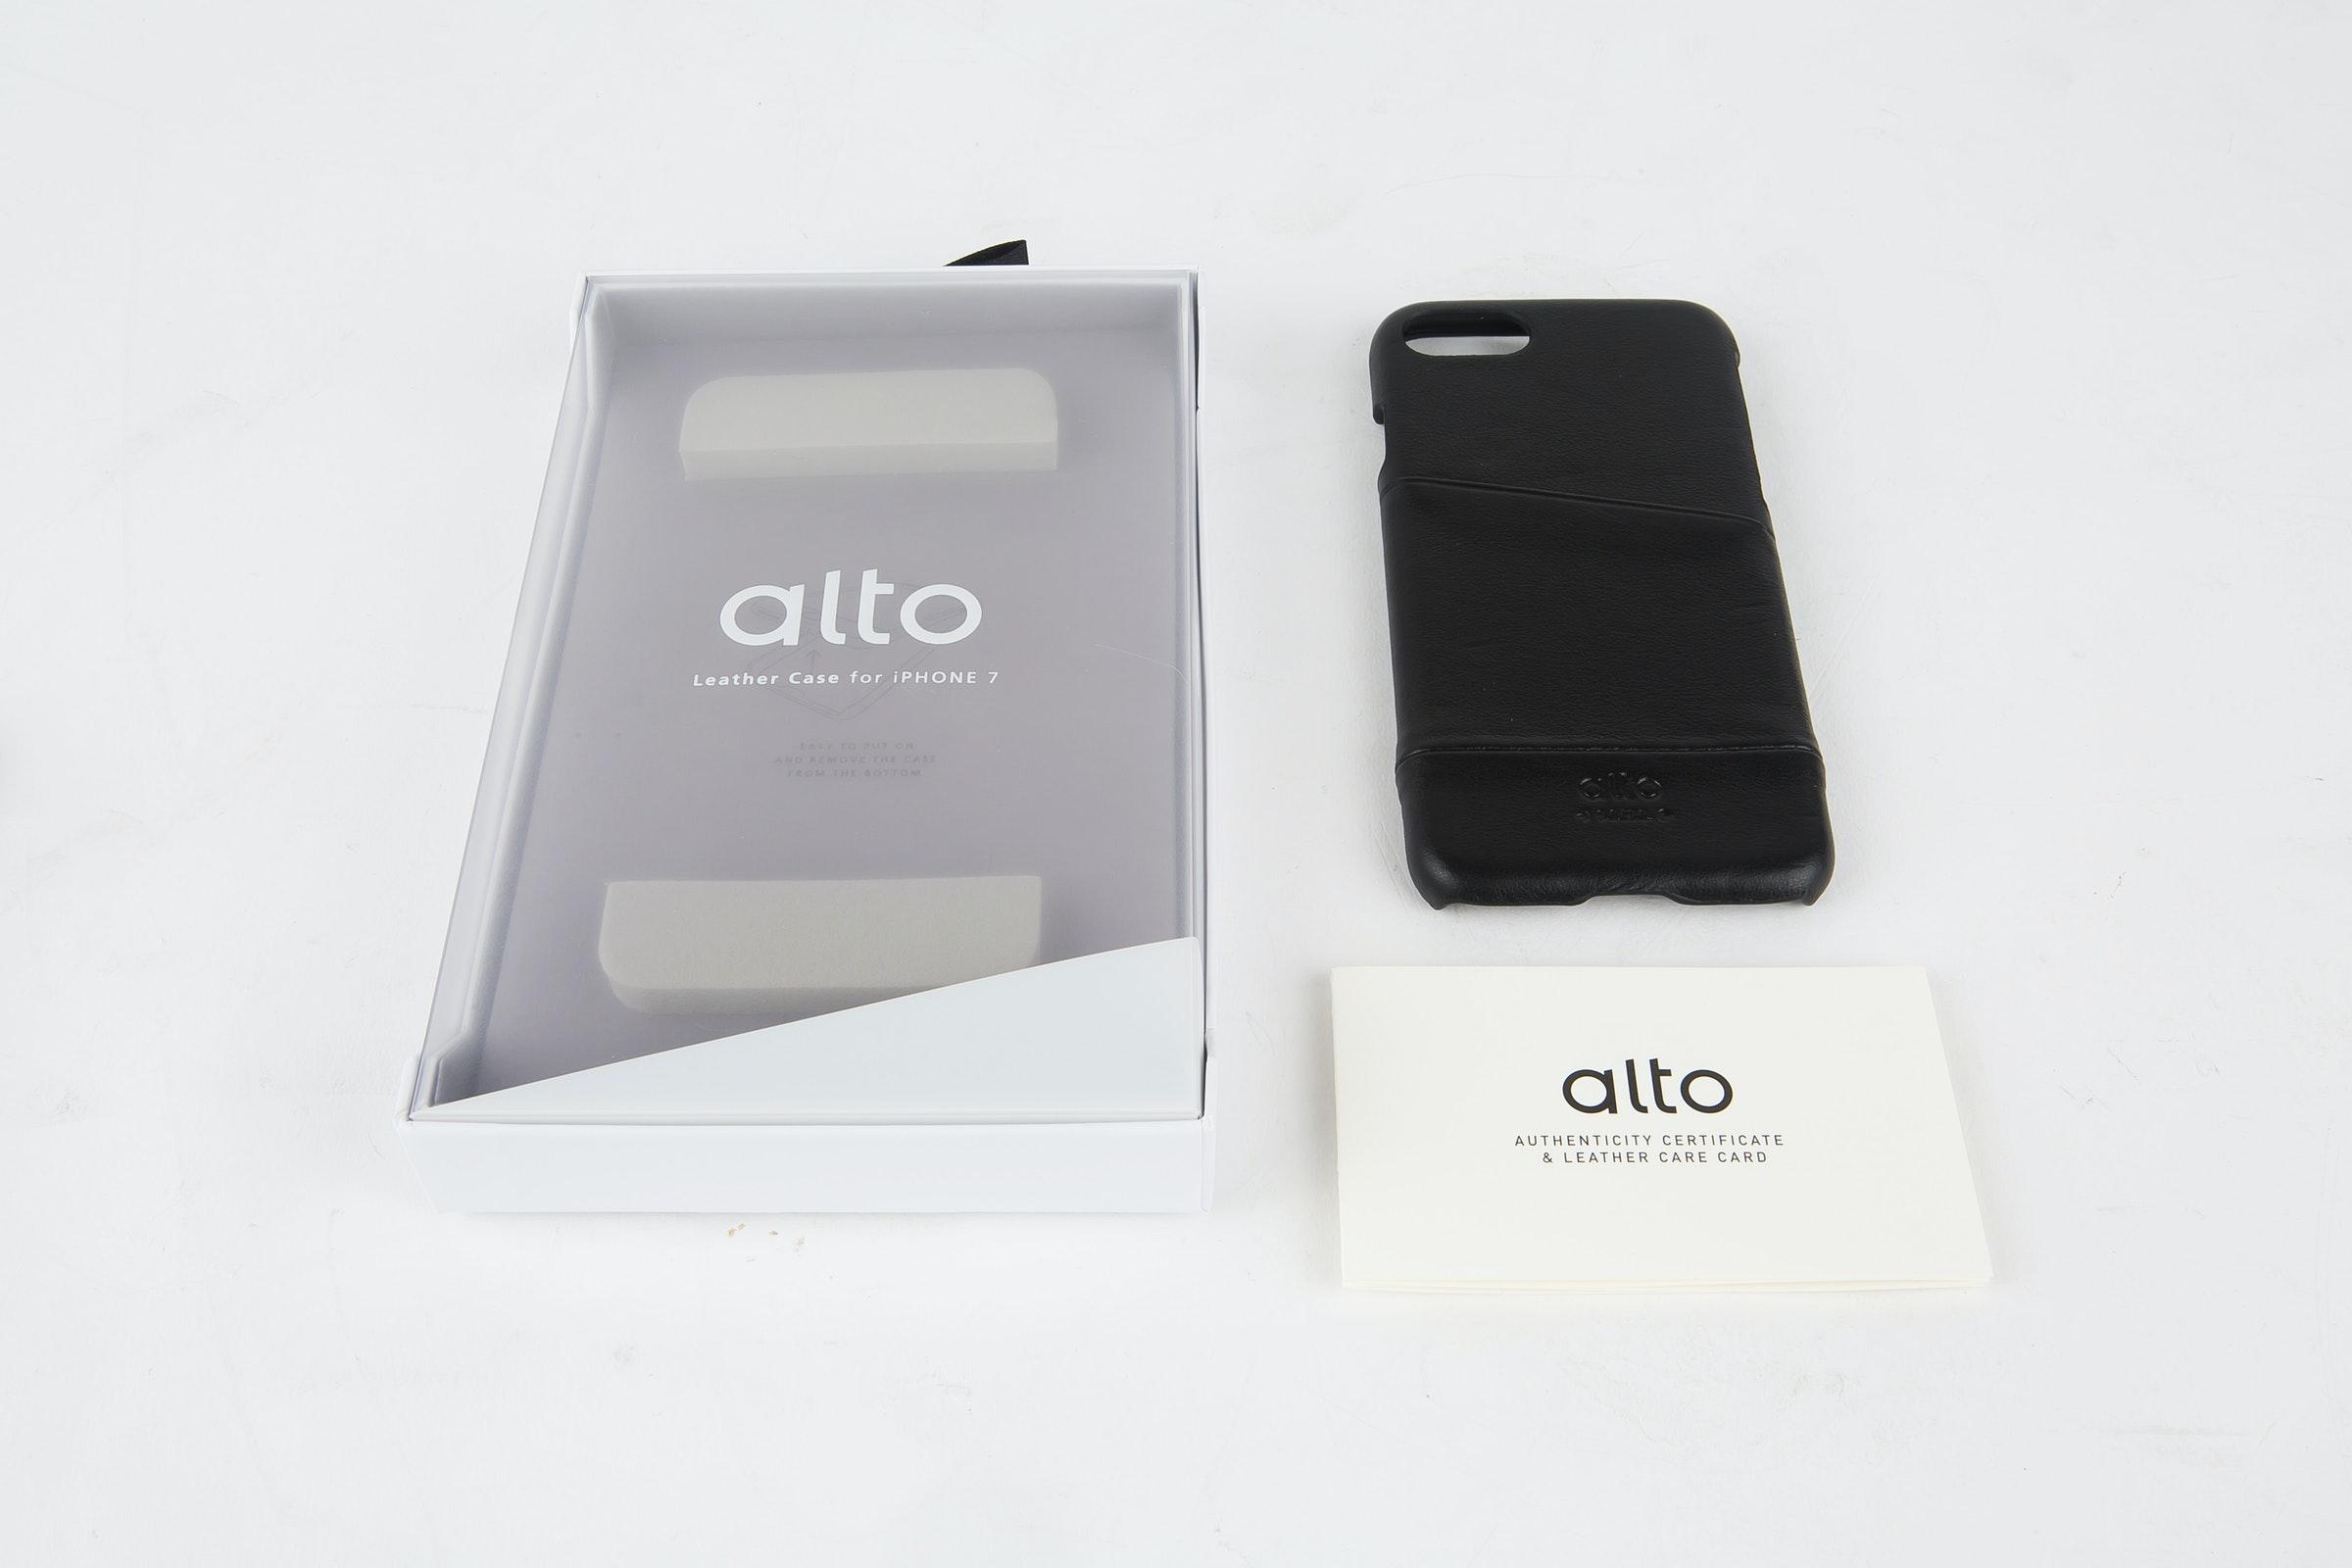 是精品等級alto Metro系列iPhone 7 義大利皮革手機殼這篇文章的首圖